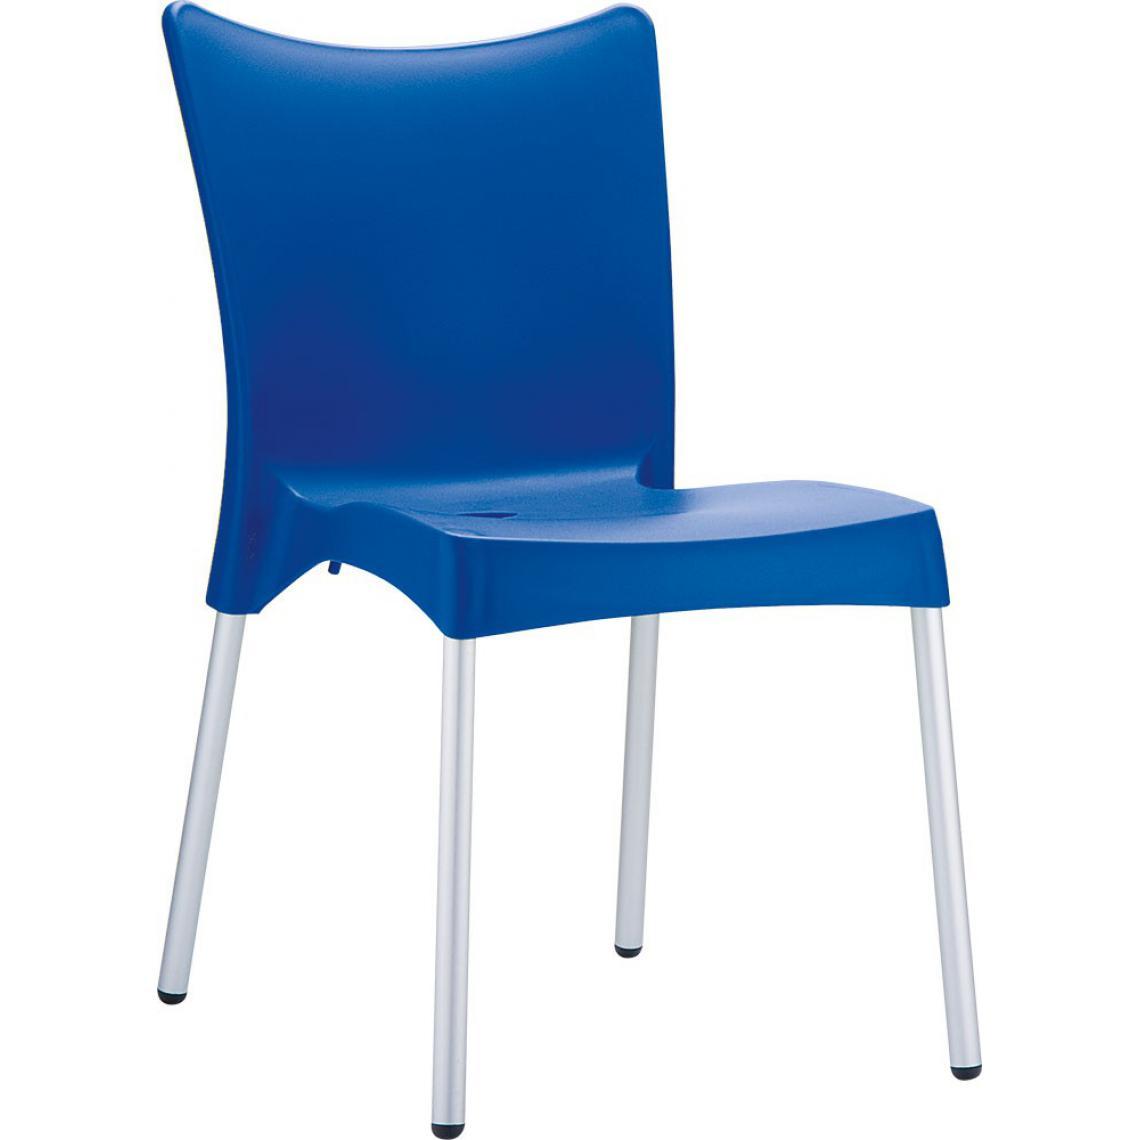 Chaise Design Bleu JULIE 3Suisses Mobilier Deco